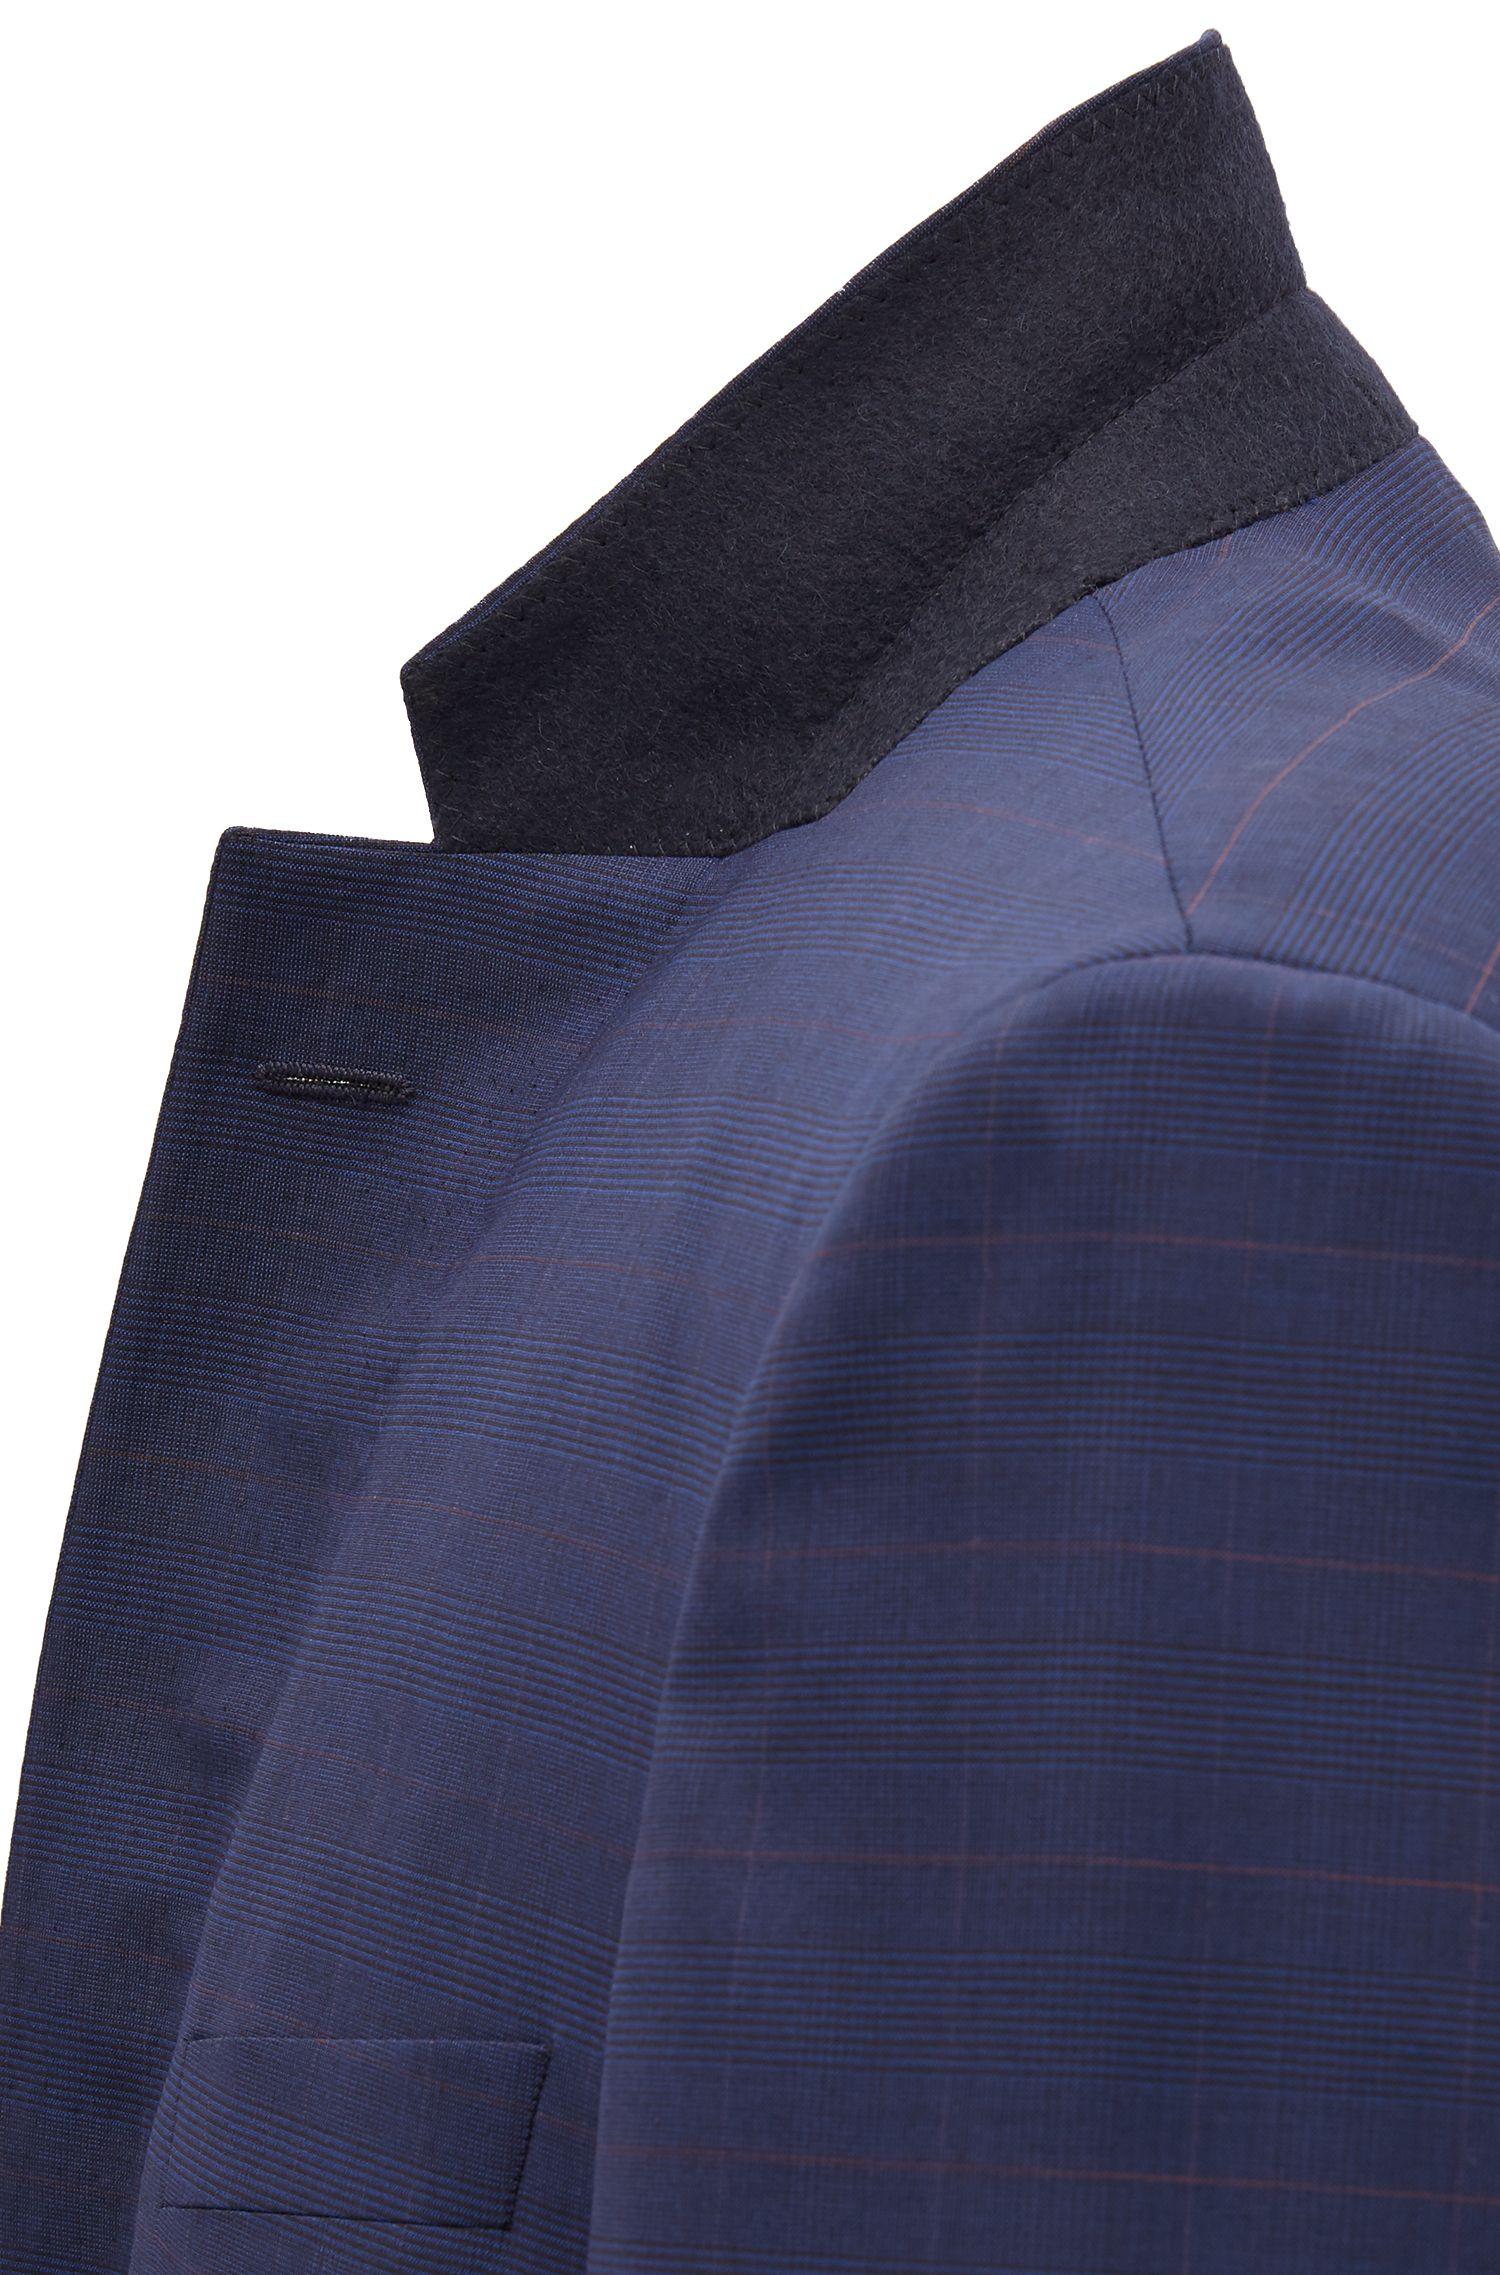 Plaid Virgin Wool Suit, Slim Fit | T-Harvers/Glover, Dark Blue